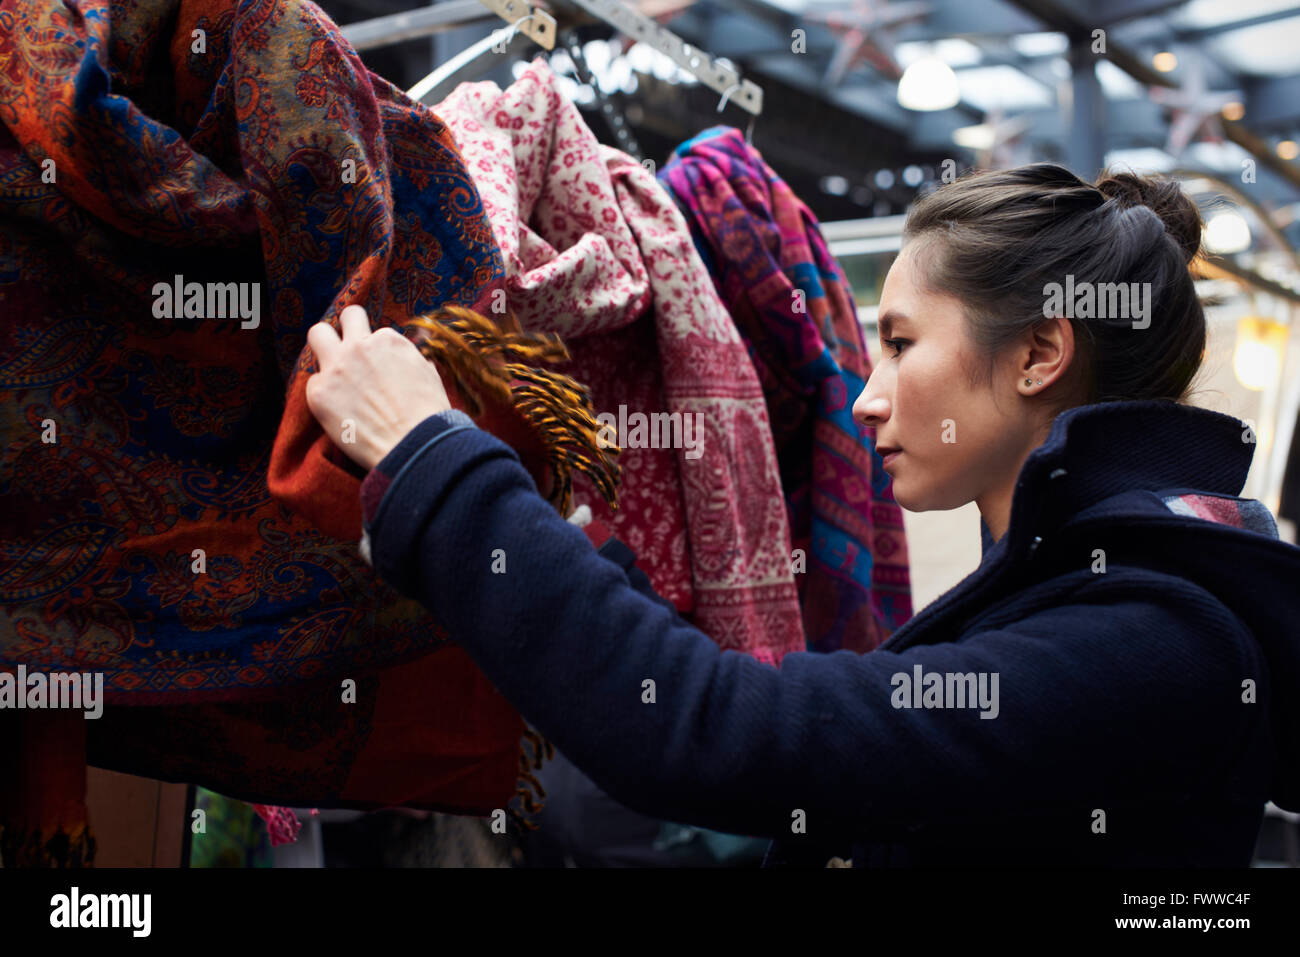 Junge Frau einkaufen In der Markthalle Stockfoto